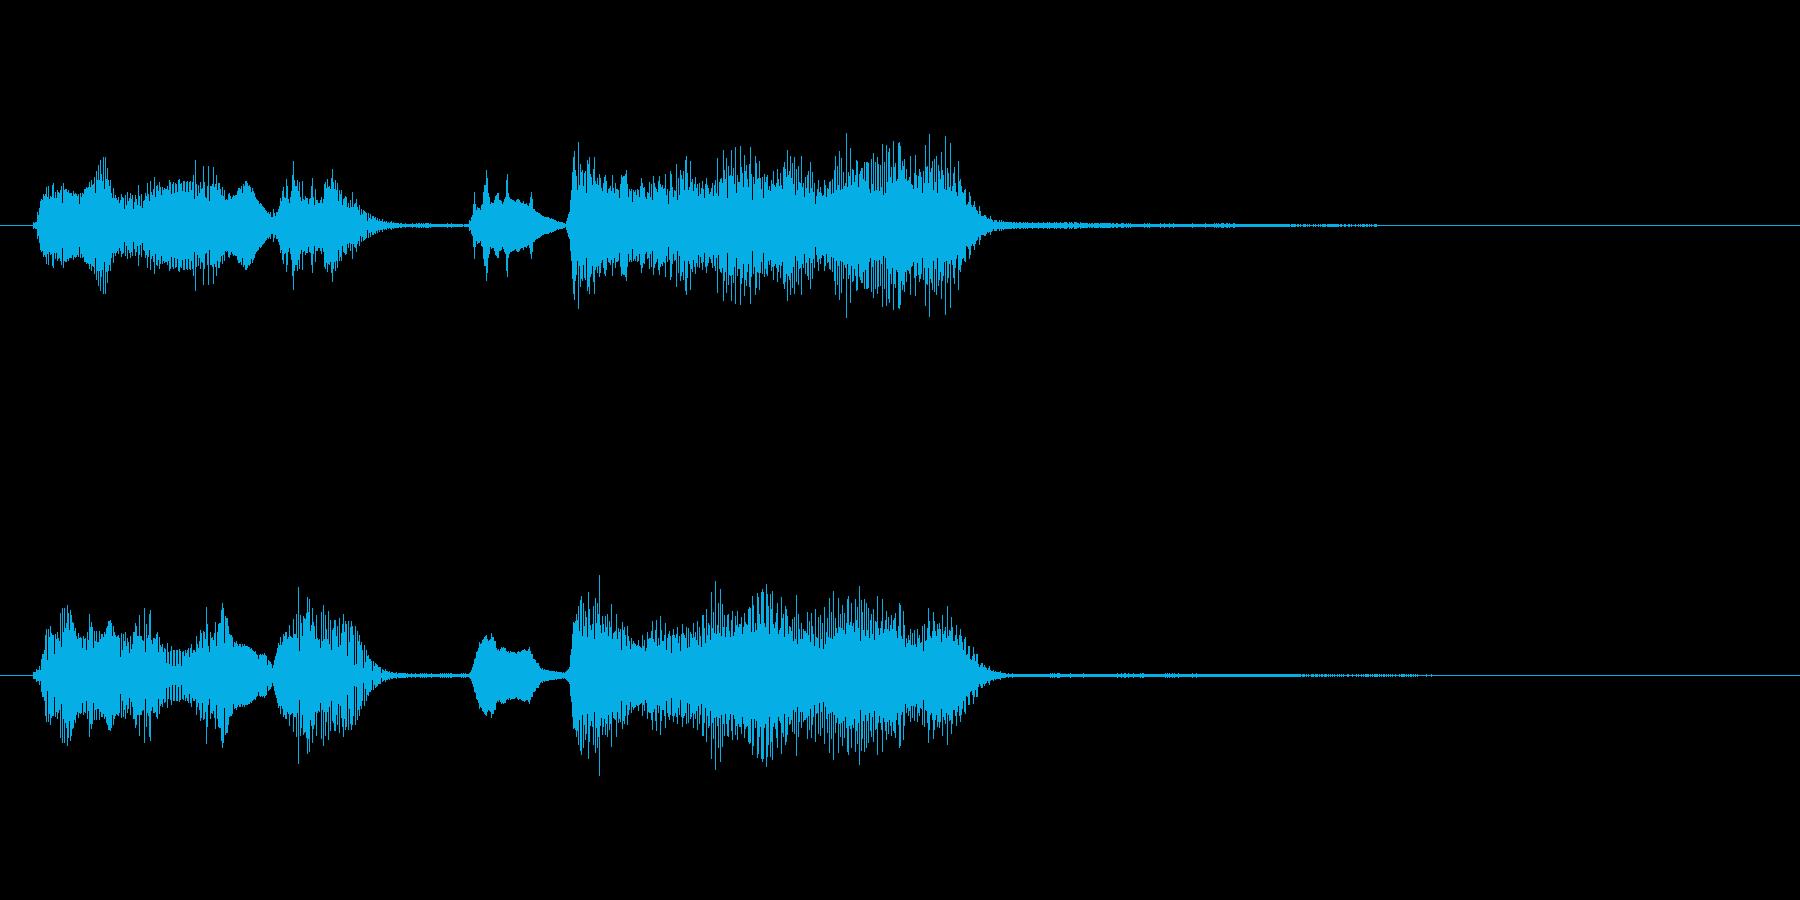 玩具系ファンファーレ-13の再生済みの波形